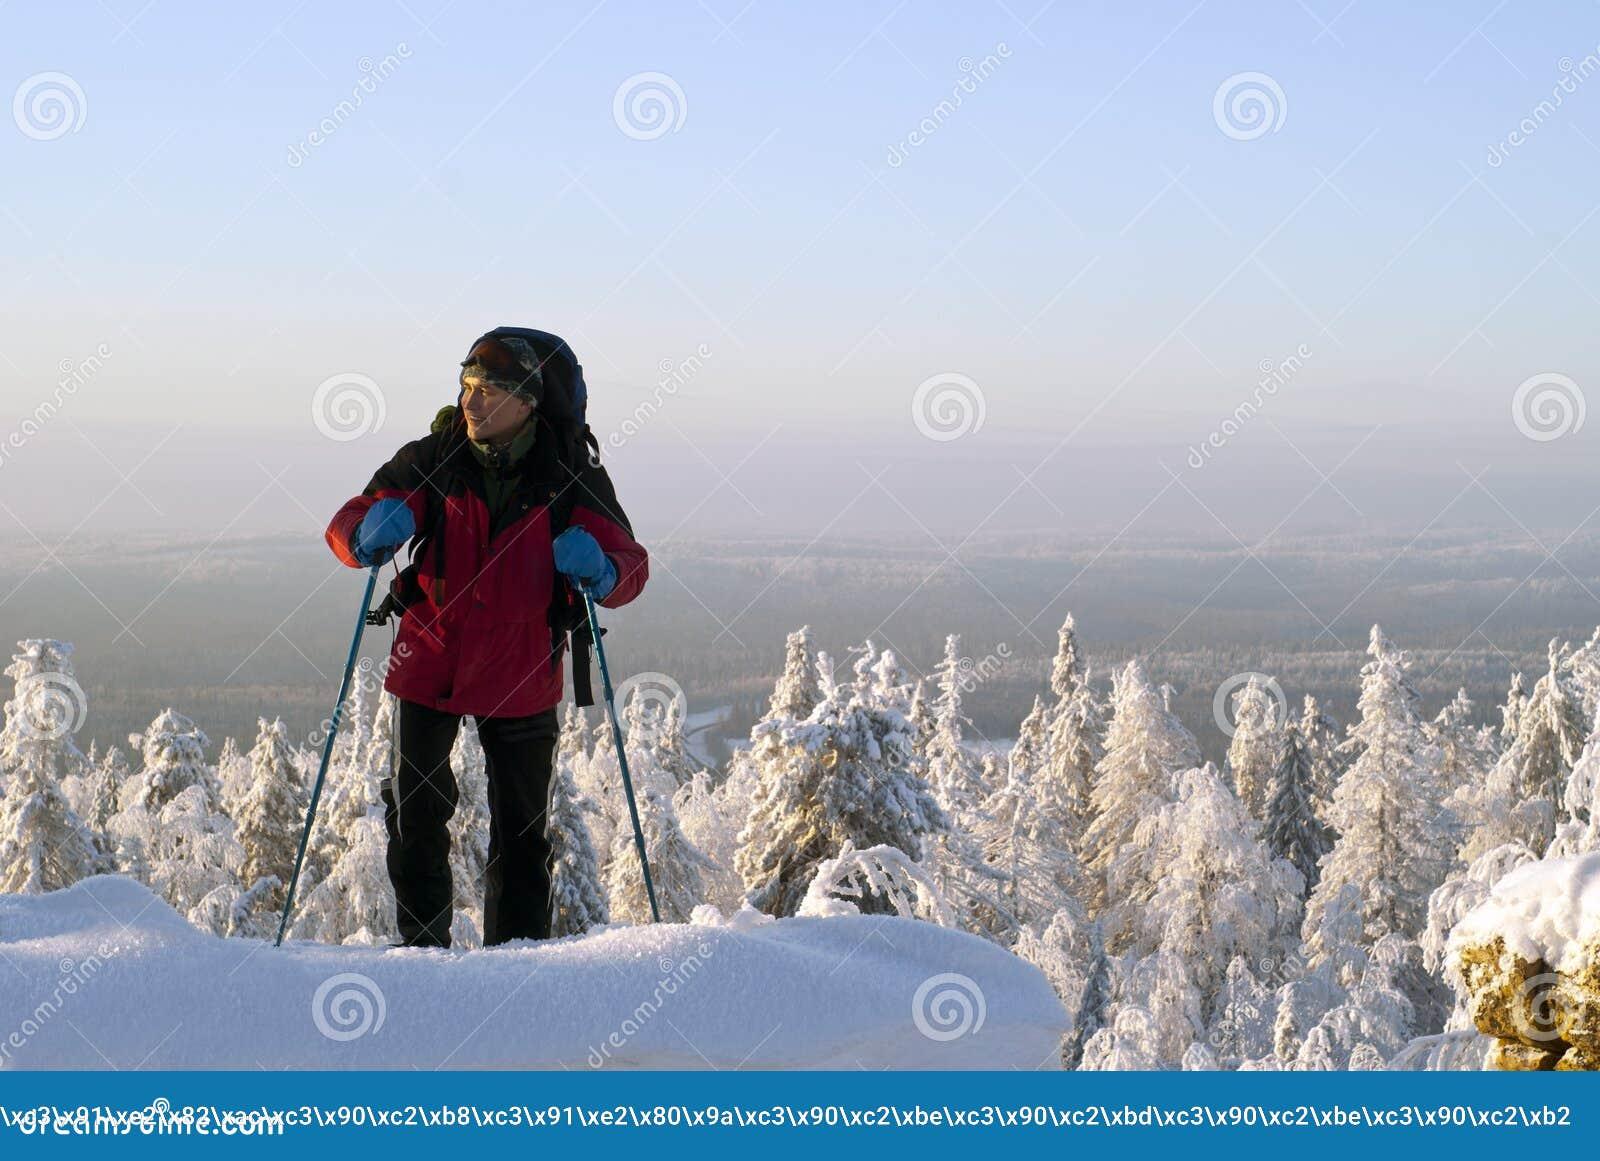 旅客在山的上面起来在冬天